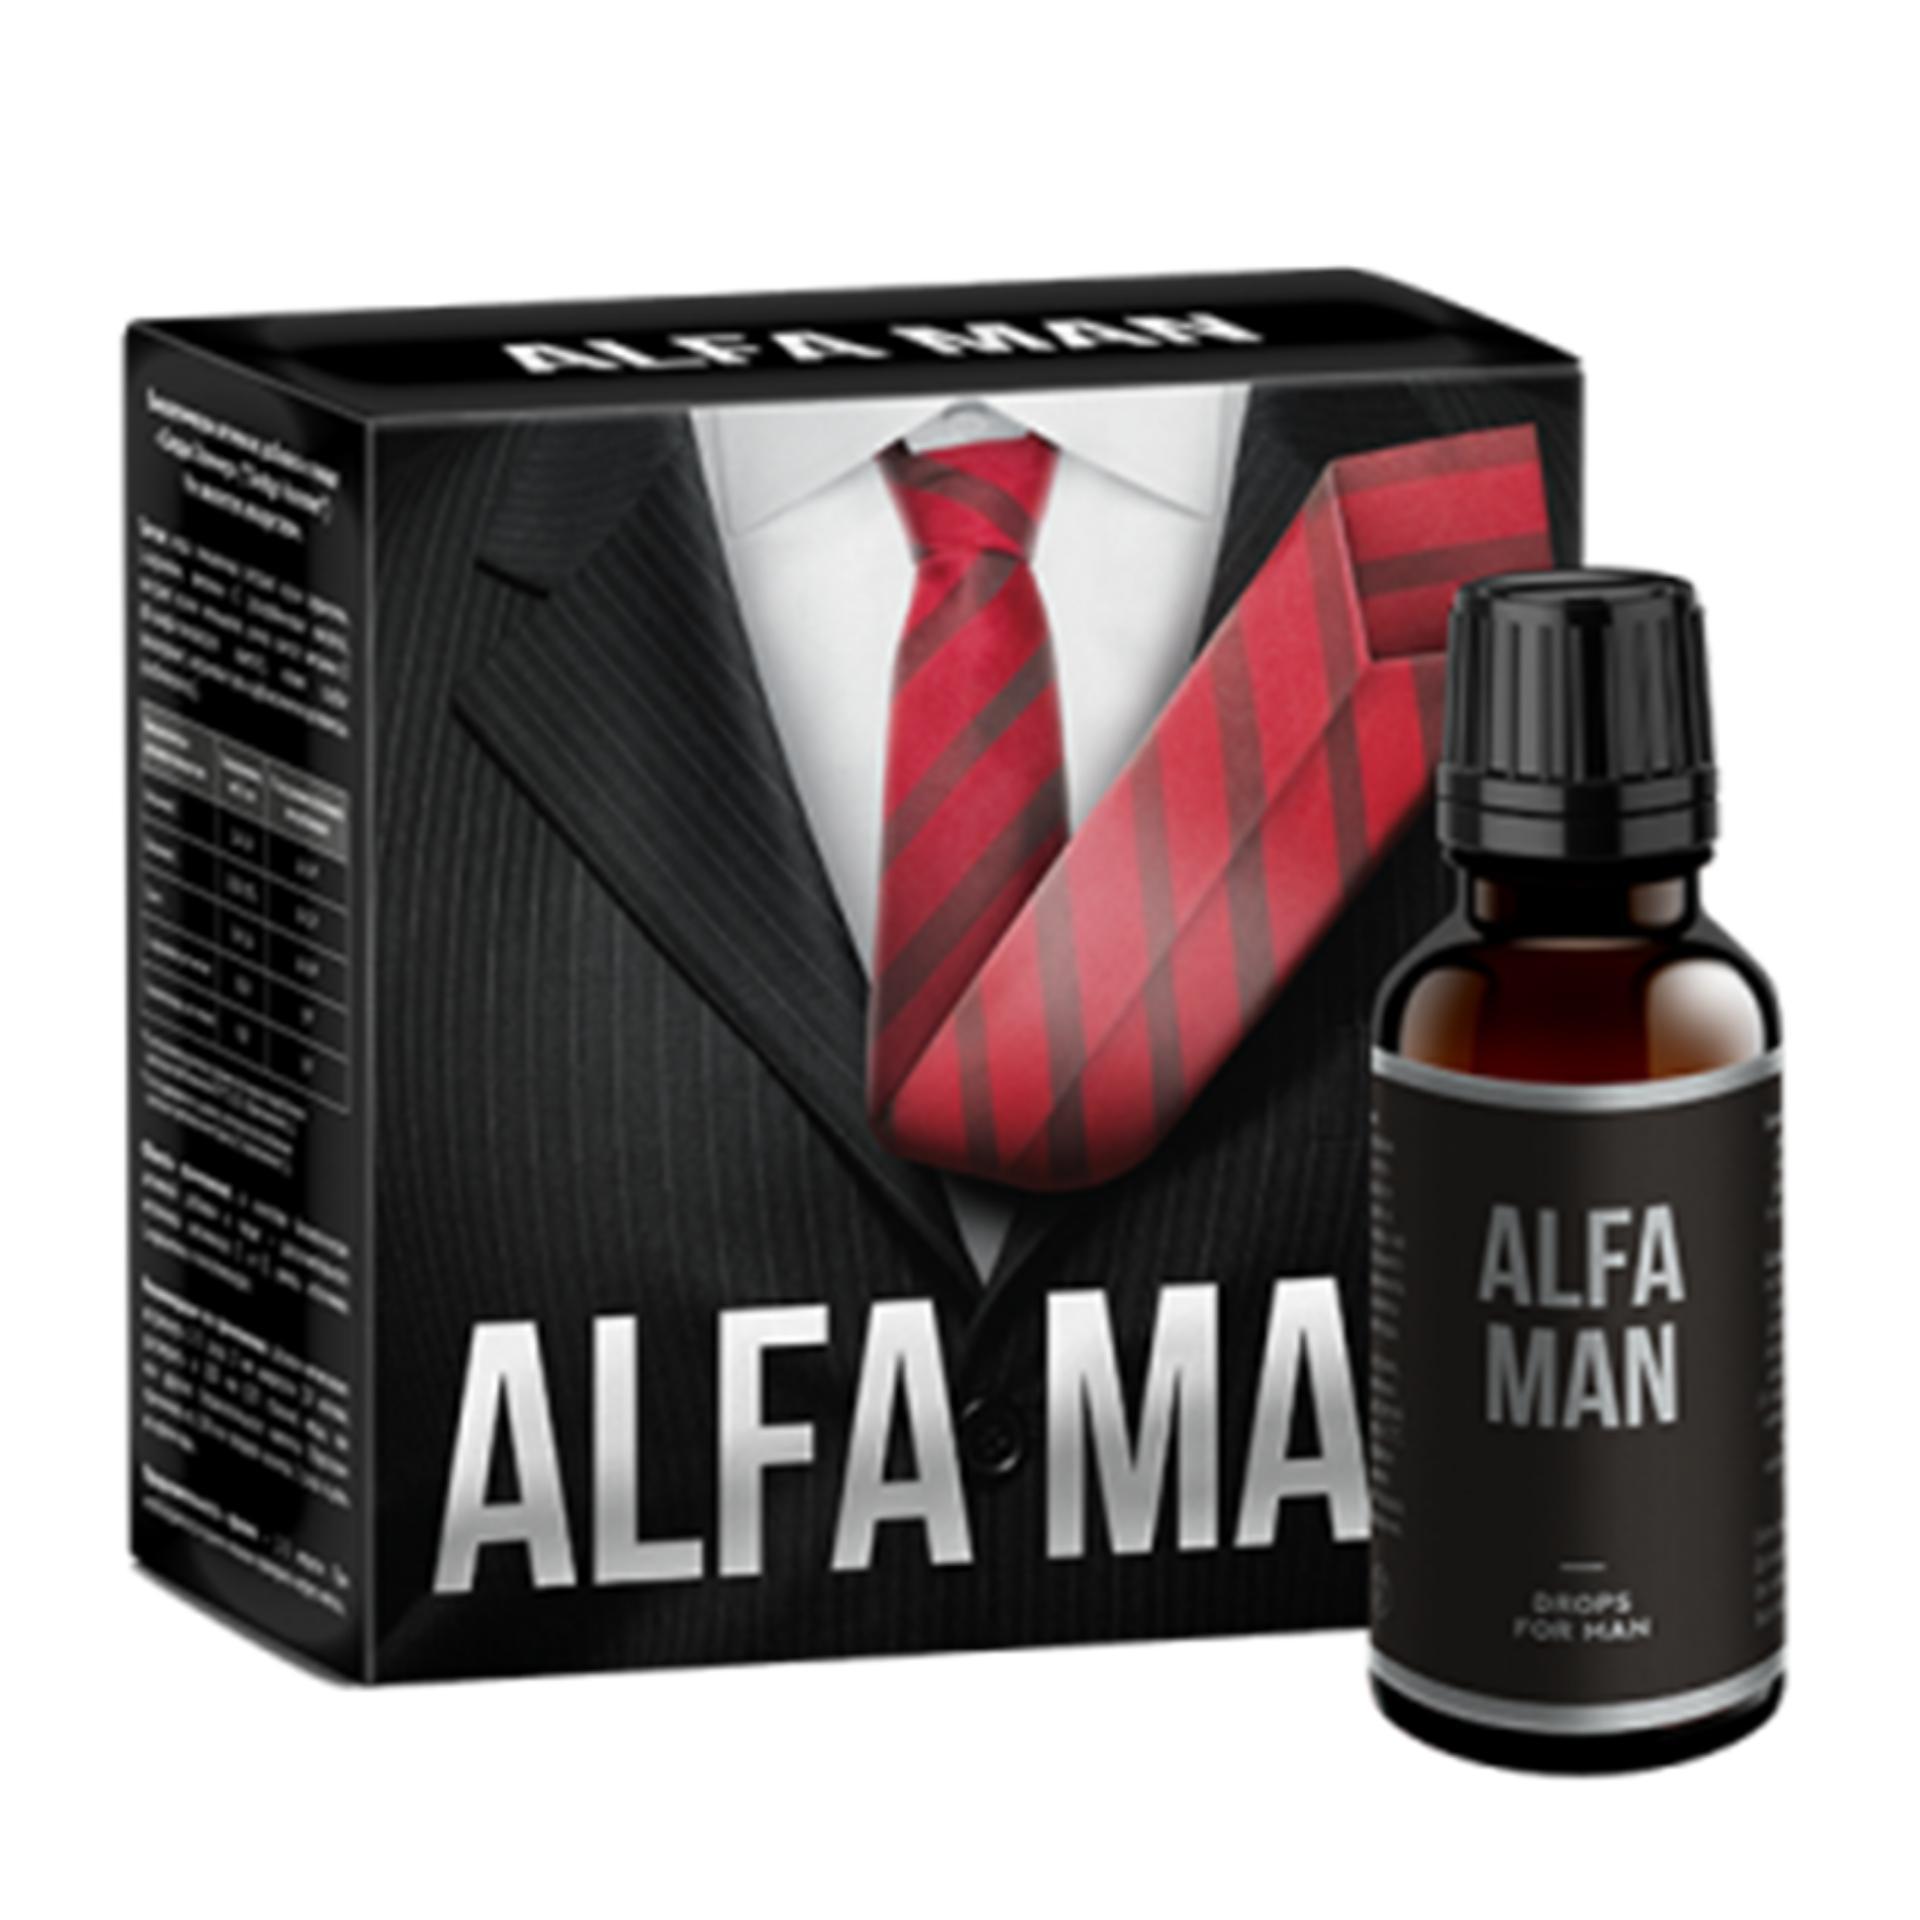 Alfa Man Tăng cường sinh lực kéo dài thời gian quan hệ 25ml